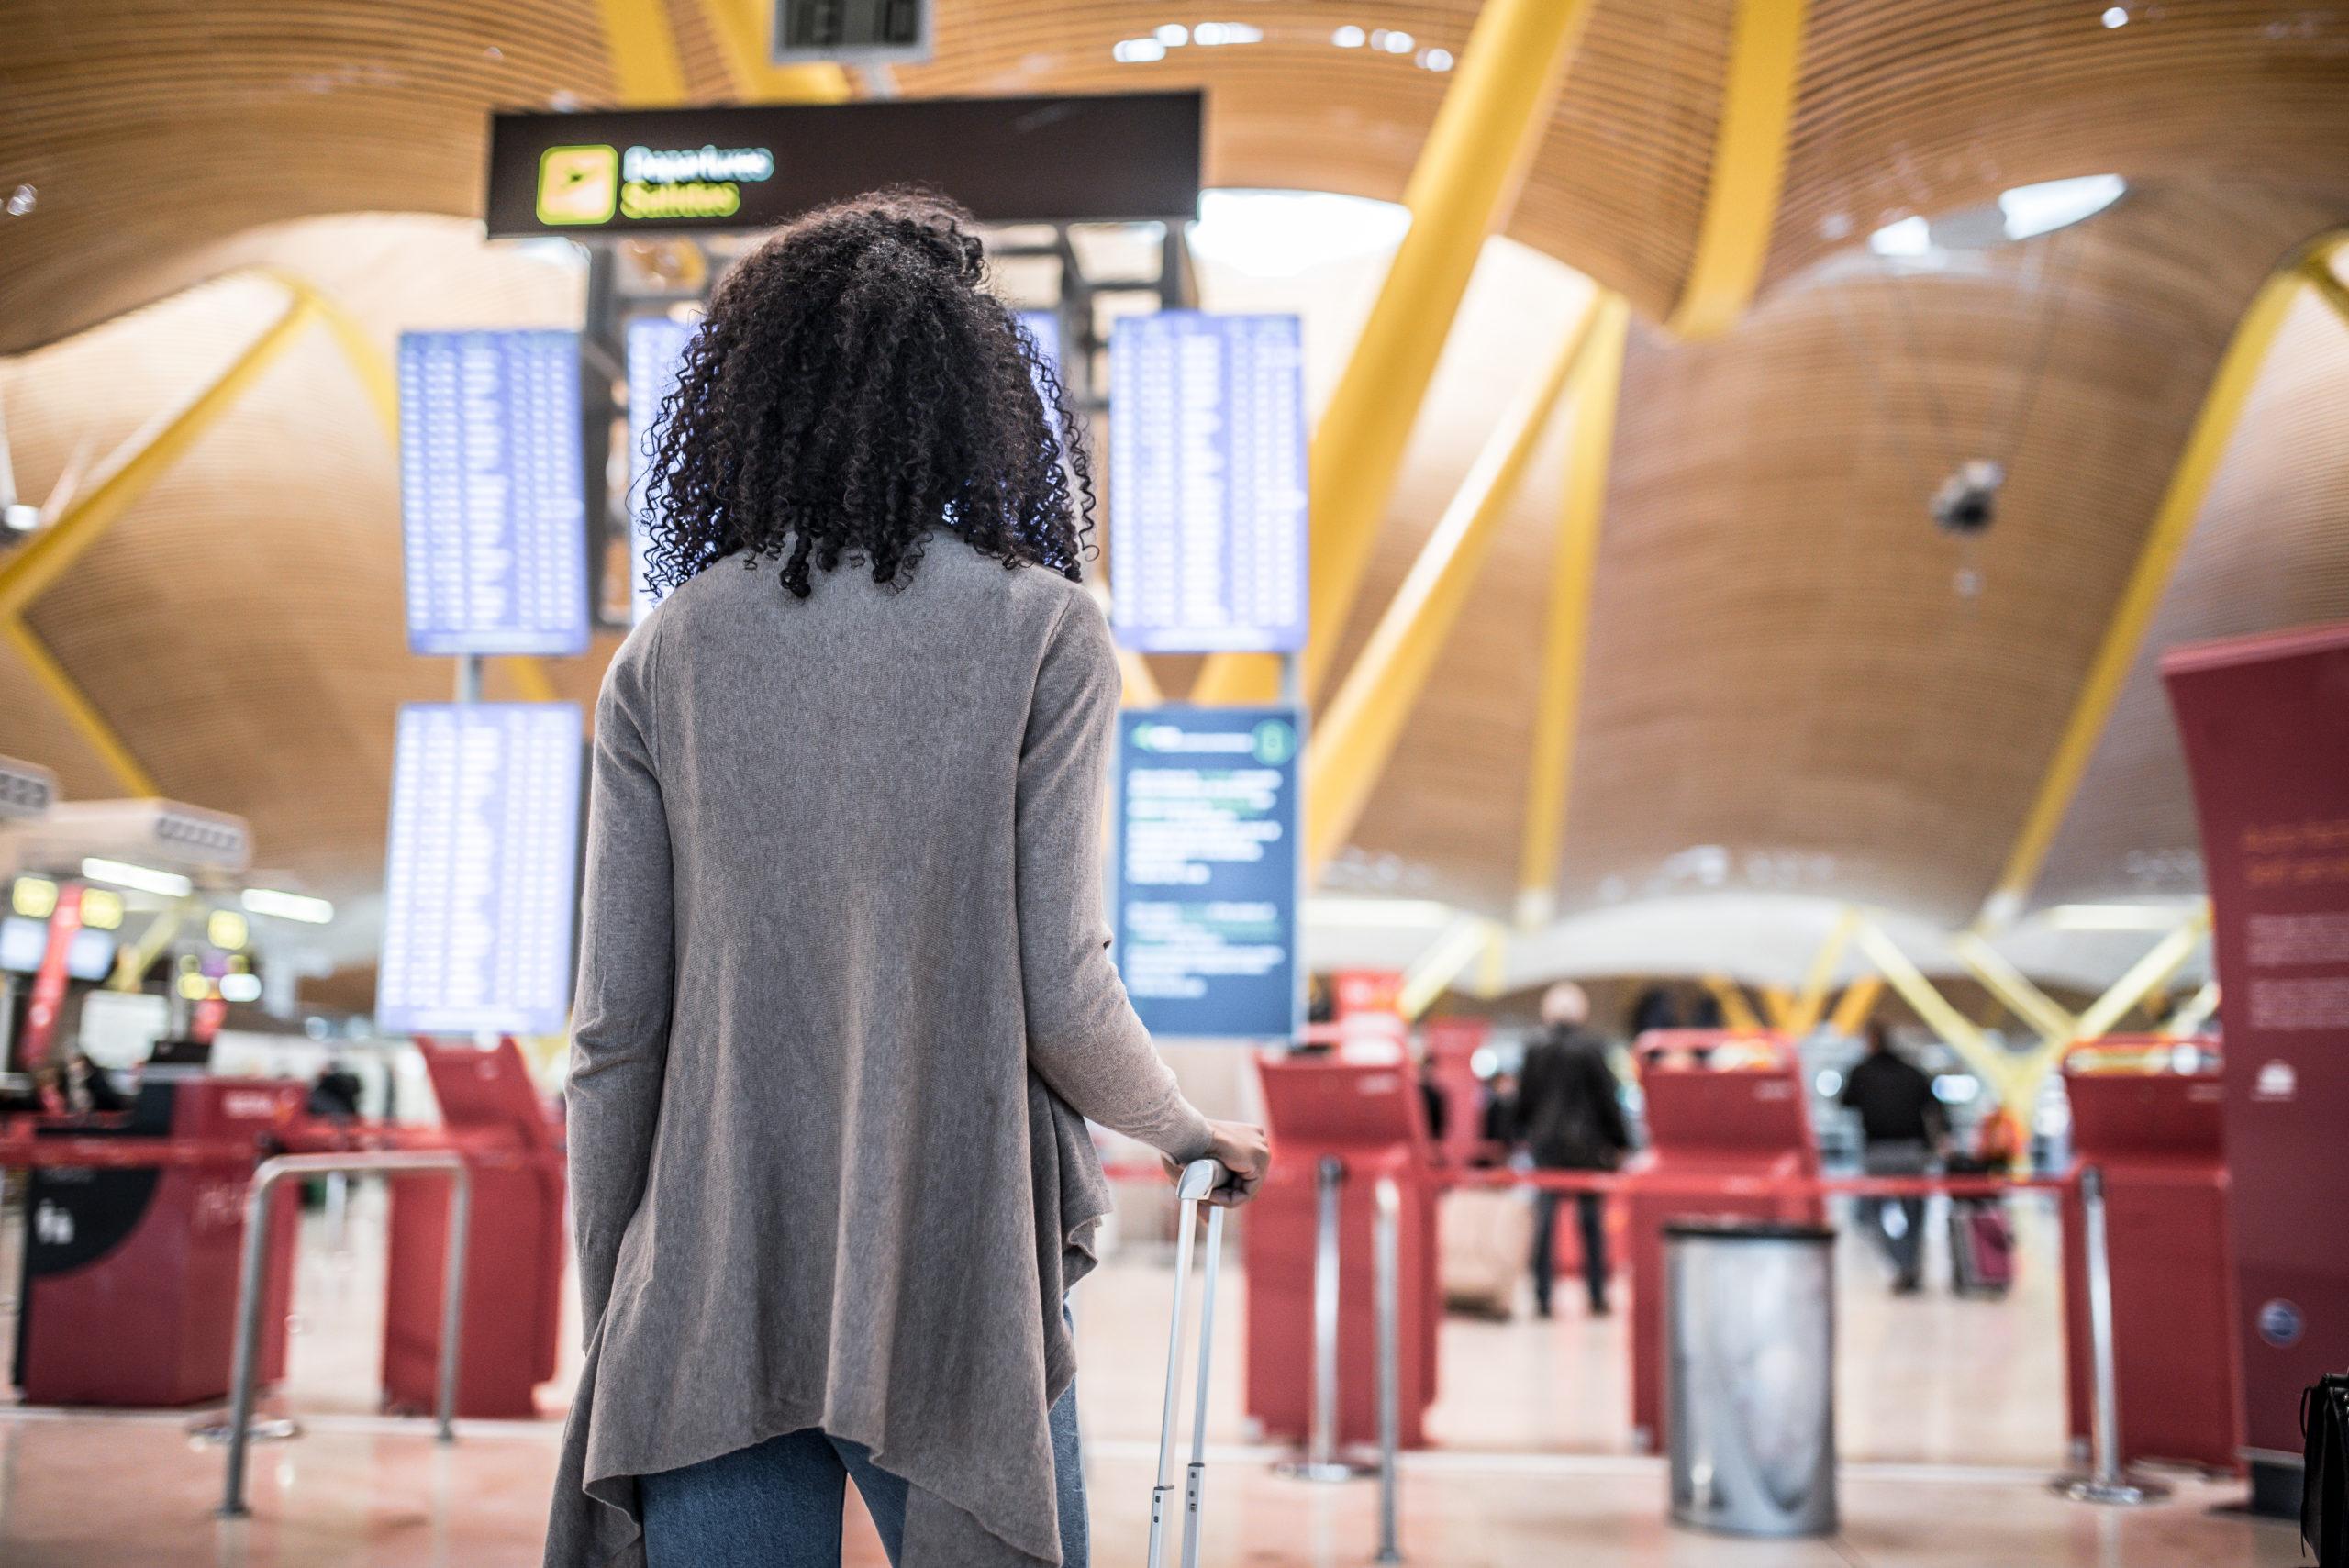 Indenização por voo cancelado: conheça seus direitos